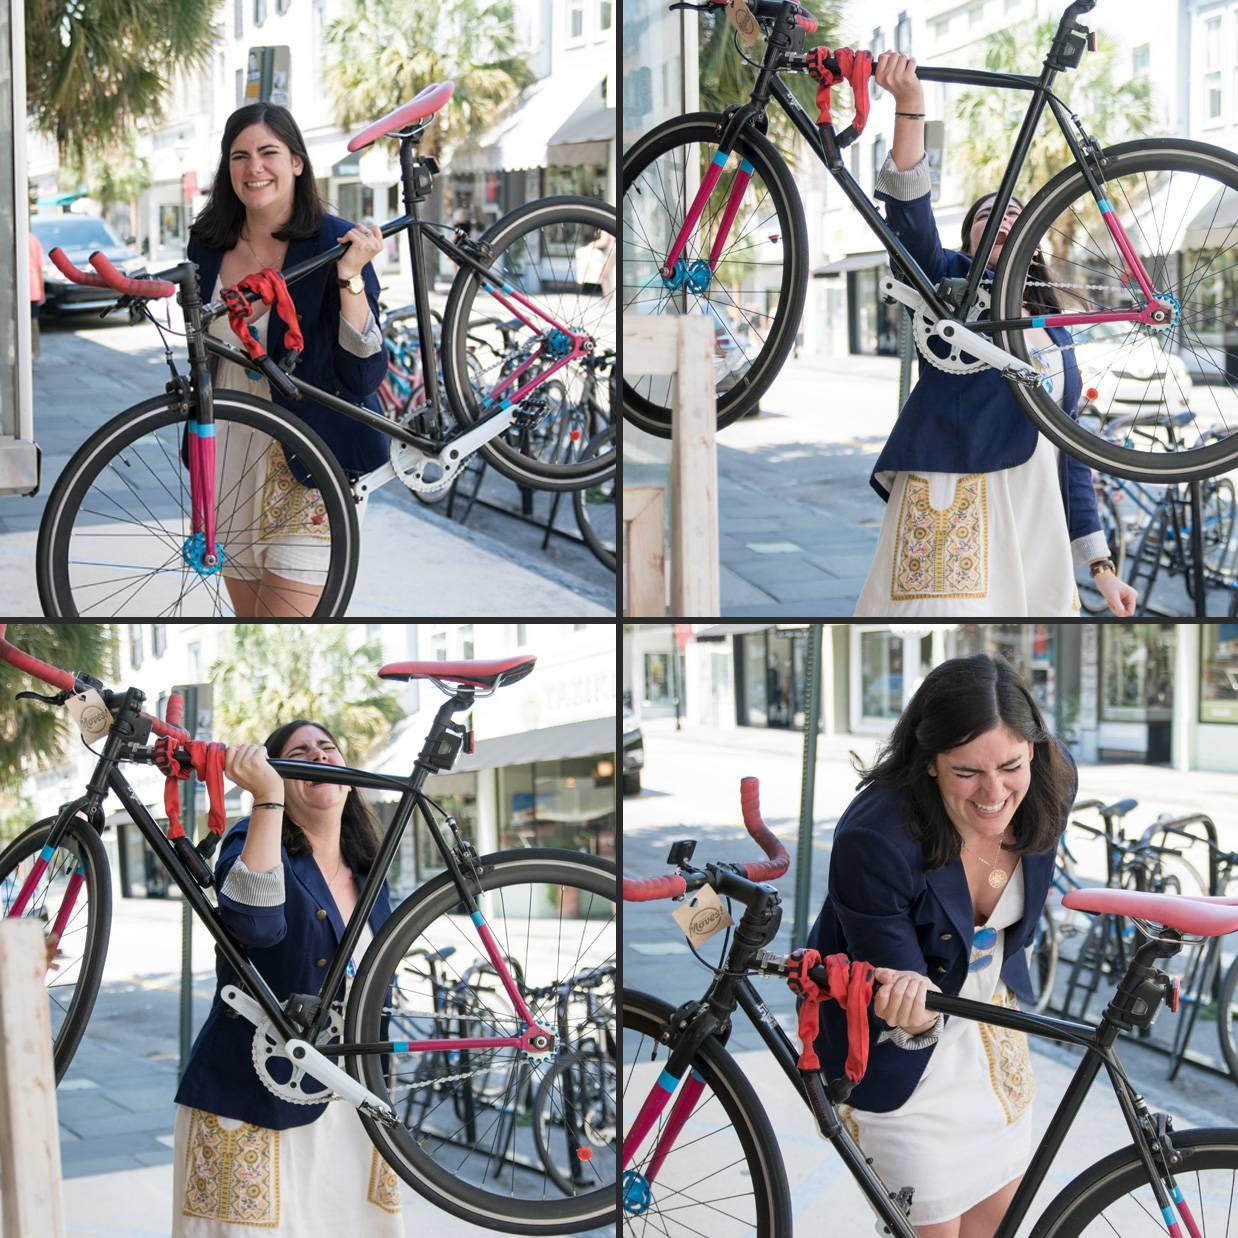 hailey_bike_lifter